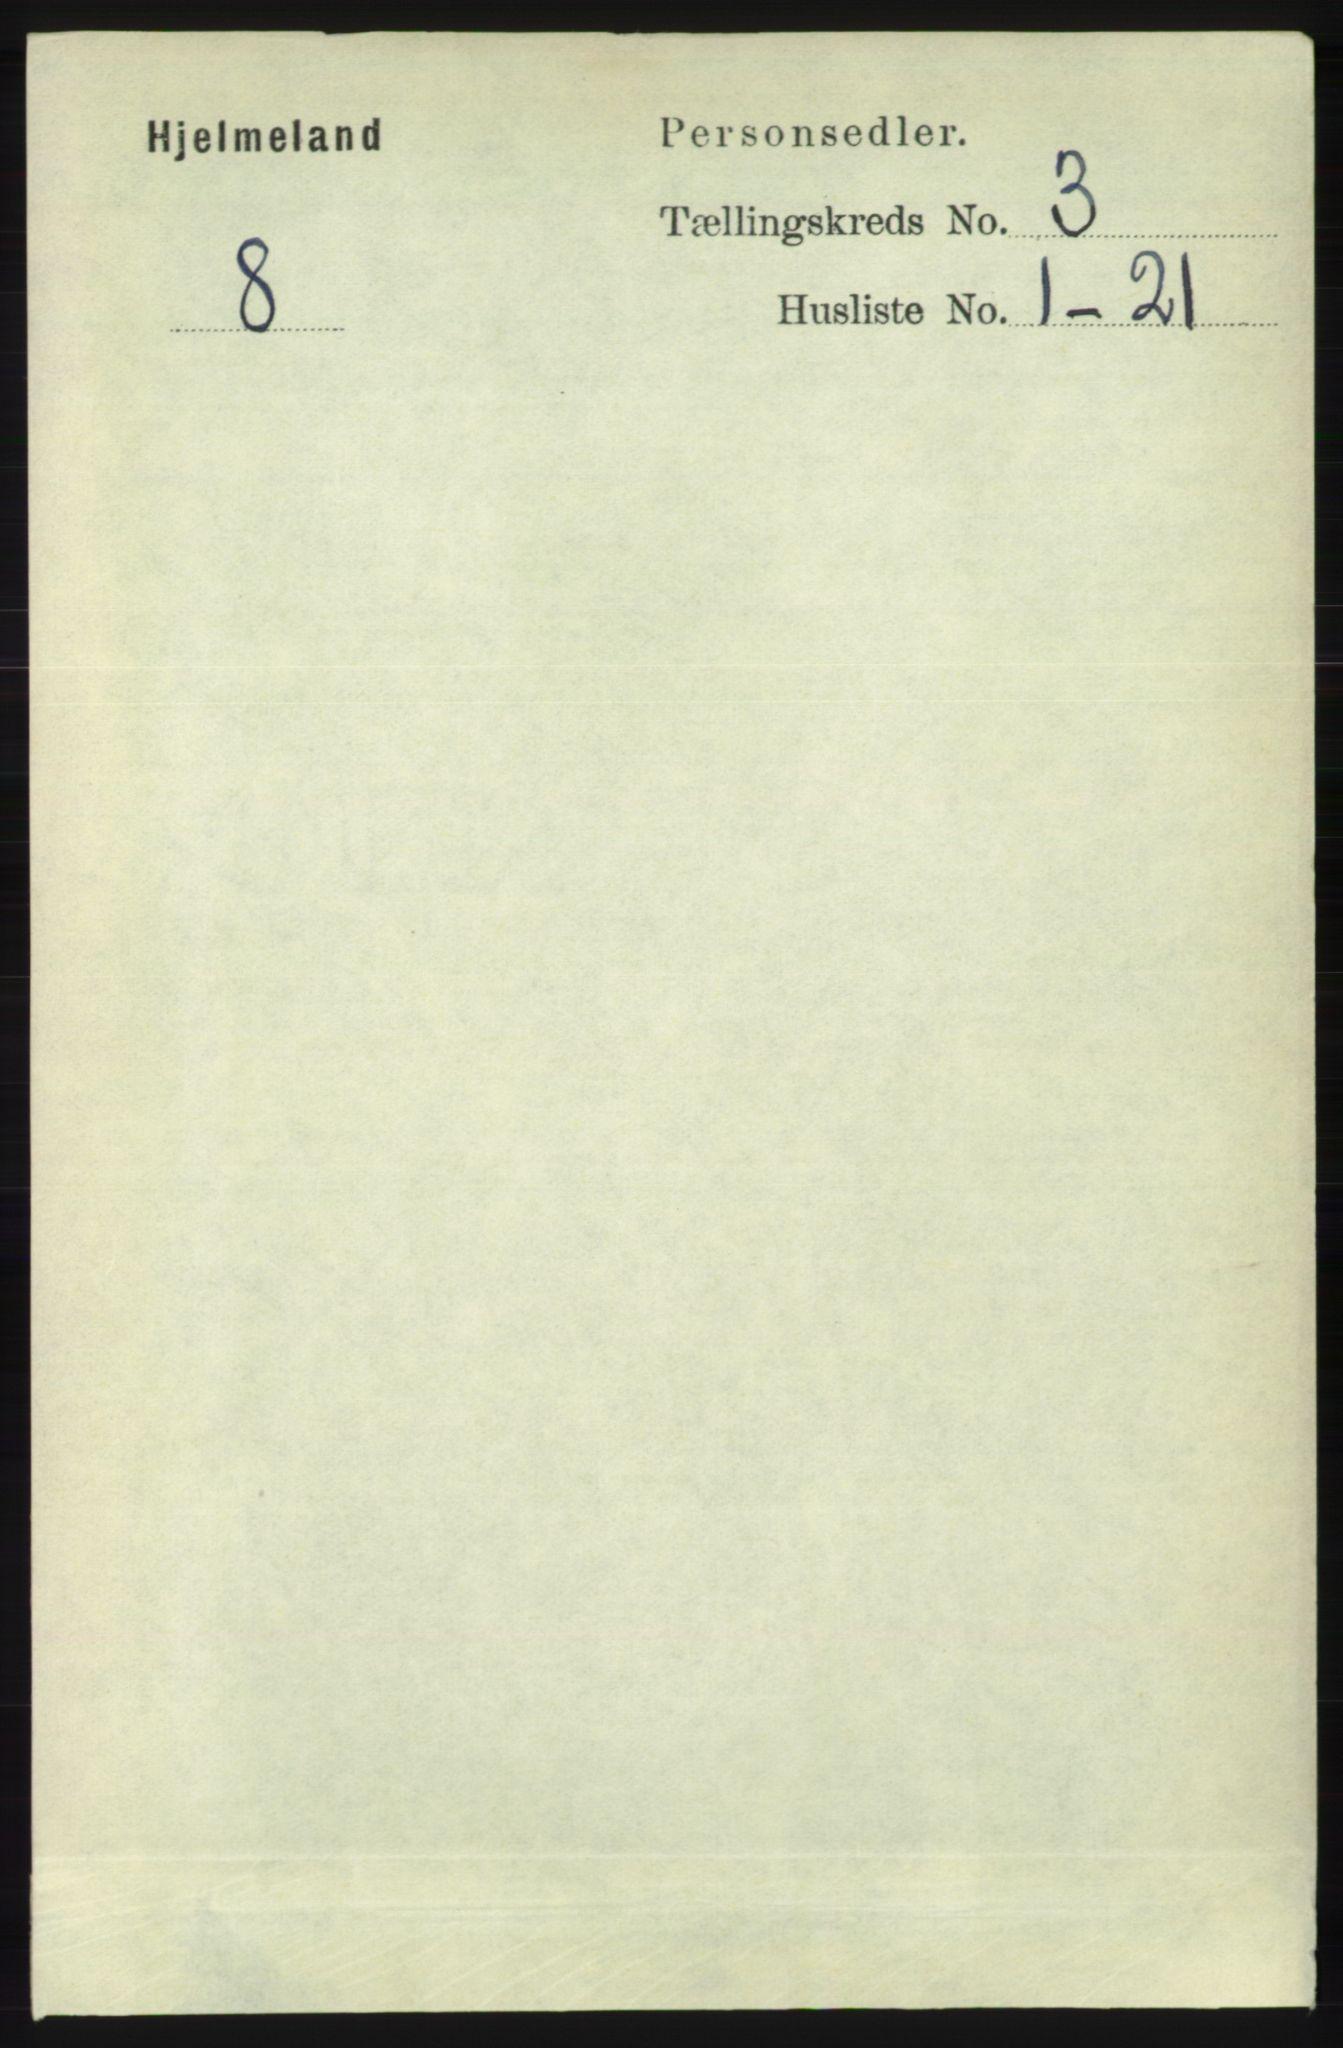 RA, Folketelling 1891 for 1133 Hjelmeland herred, 1891, s. 736